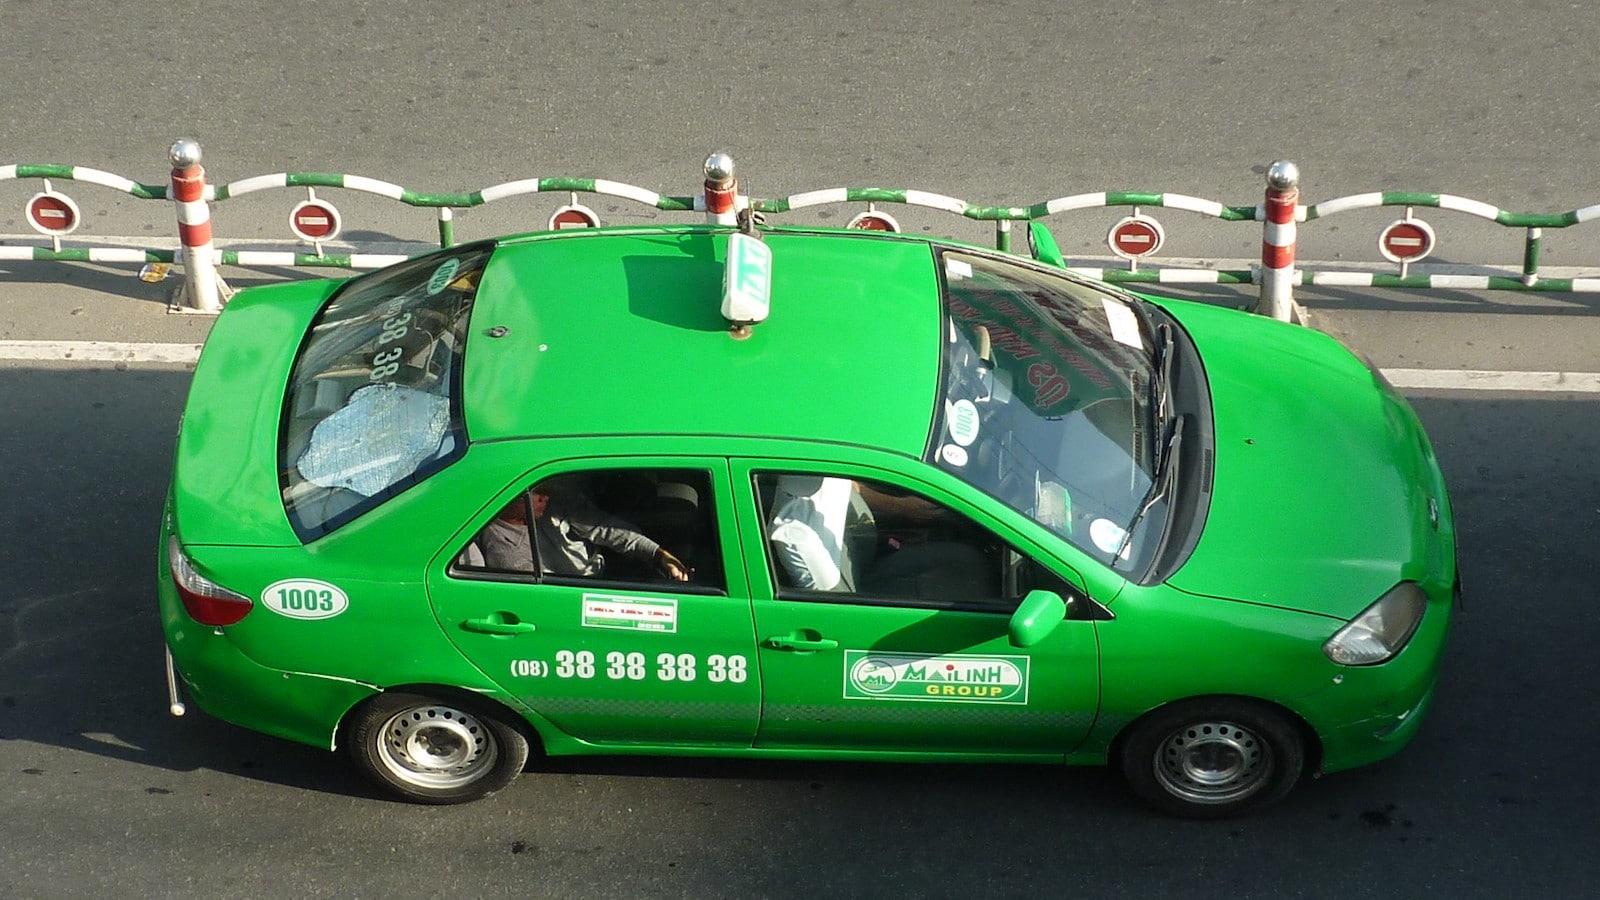 Image of a Mai Linh Taxi